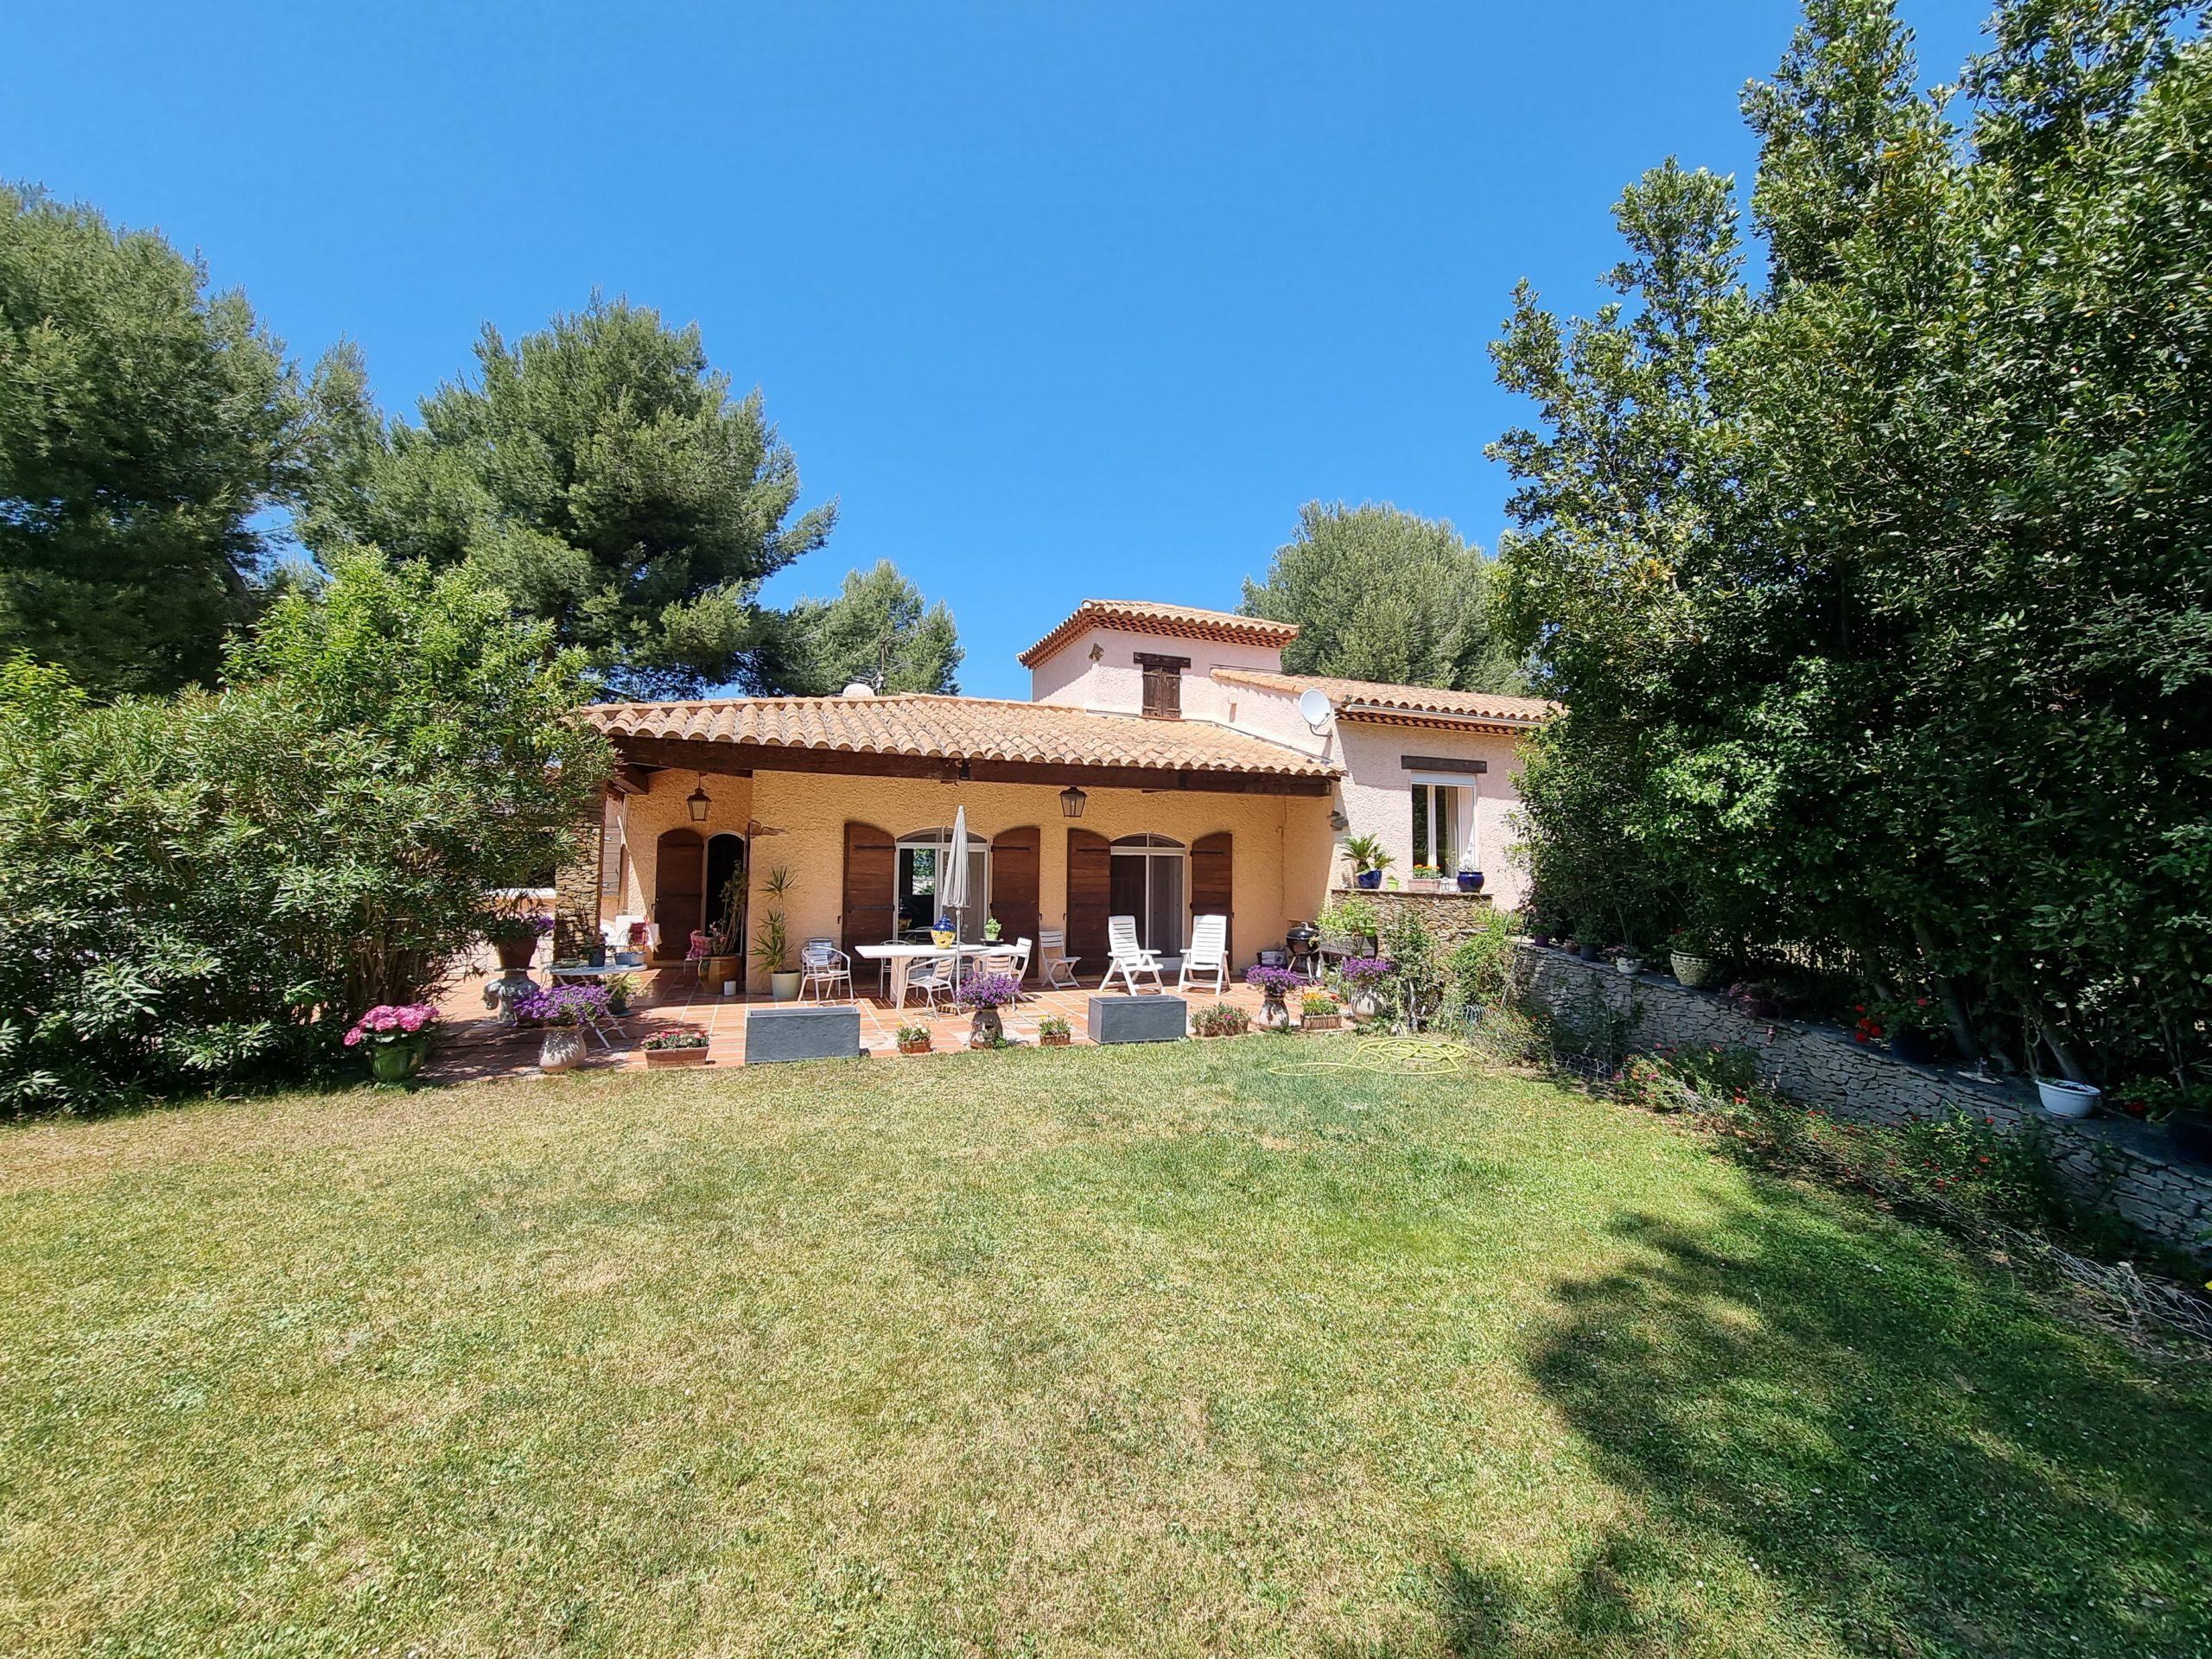 Saint Victoret Colline Marignane villa d'architecte sur un parc de 5 184 m2 avec piscine.